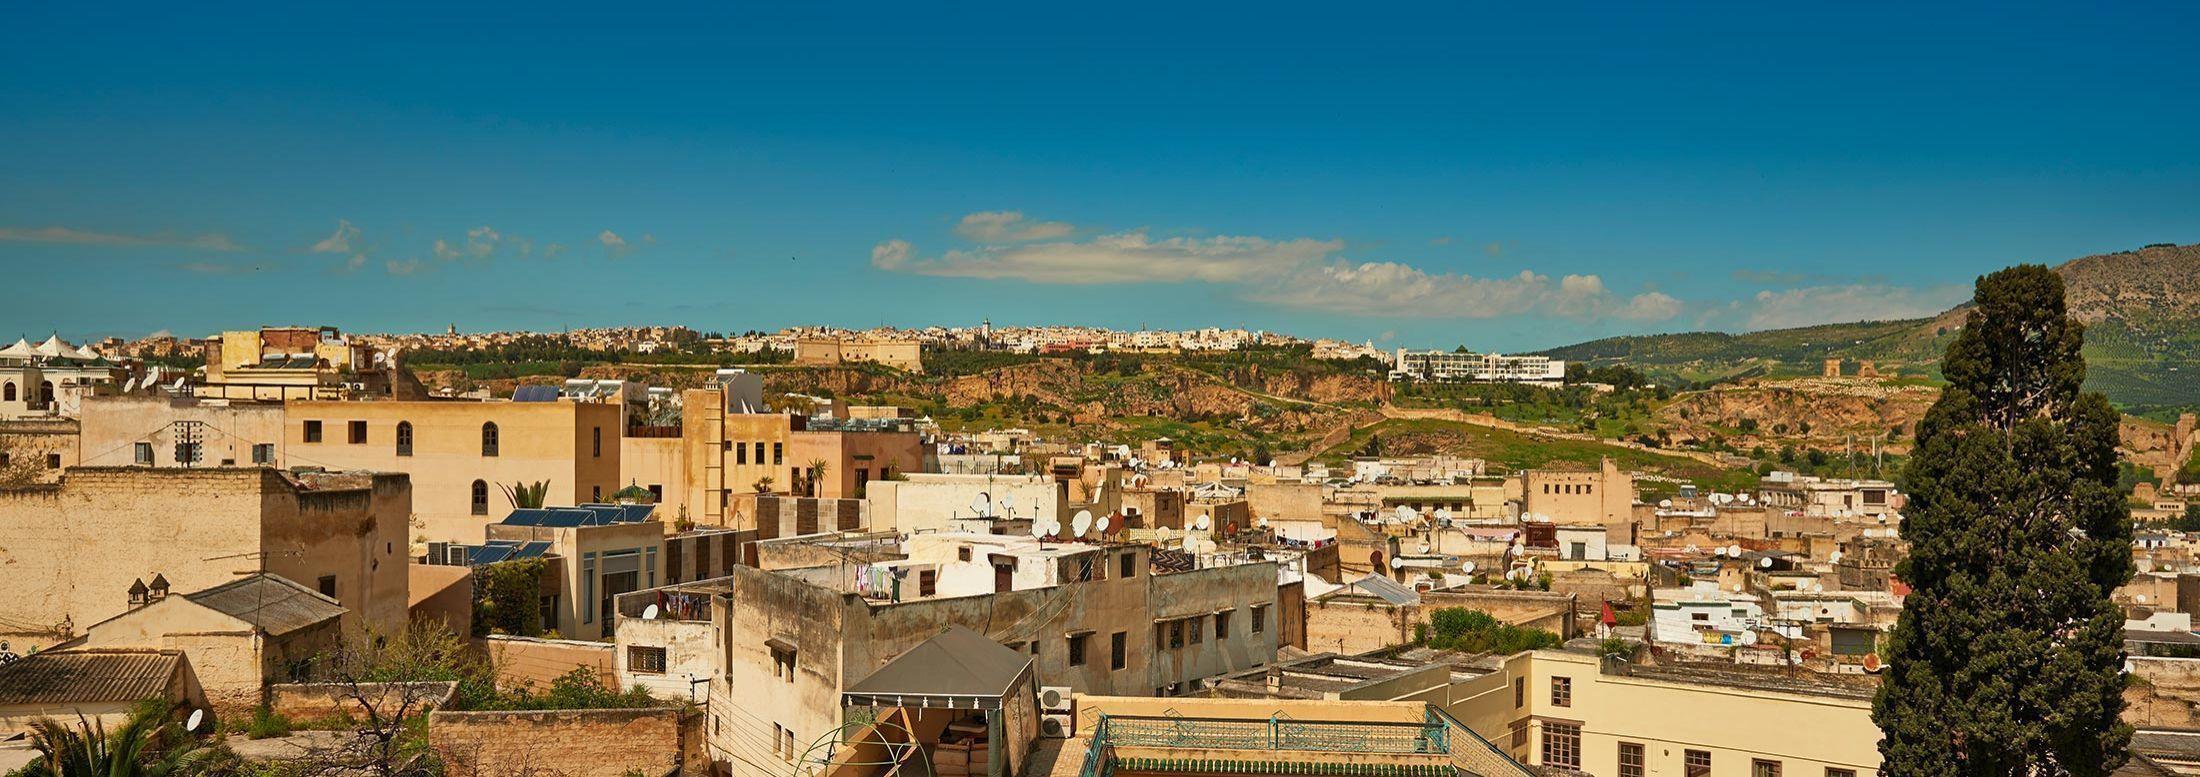 Riad Fes Hotel - Alentours